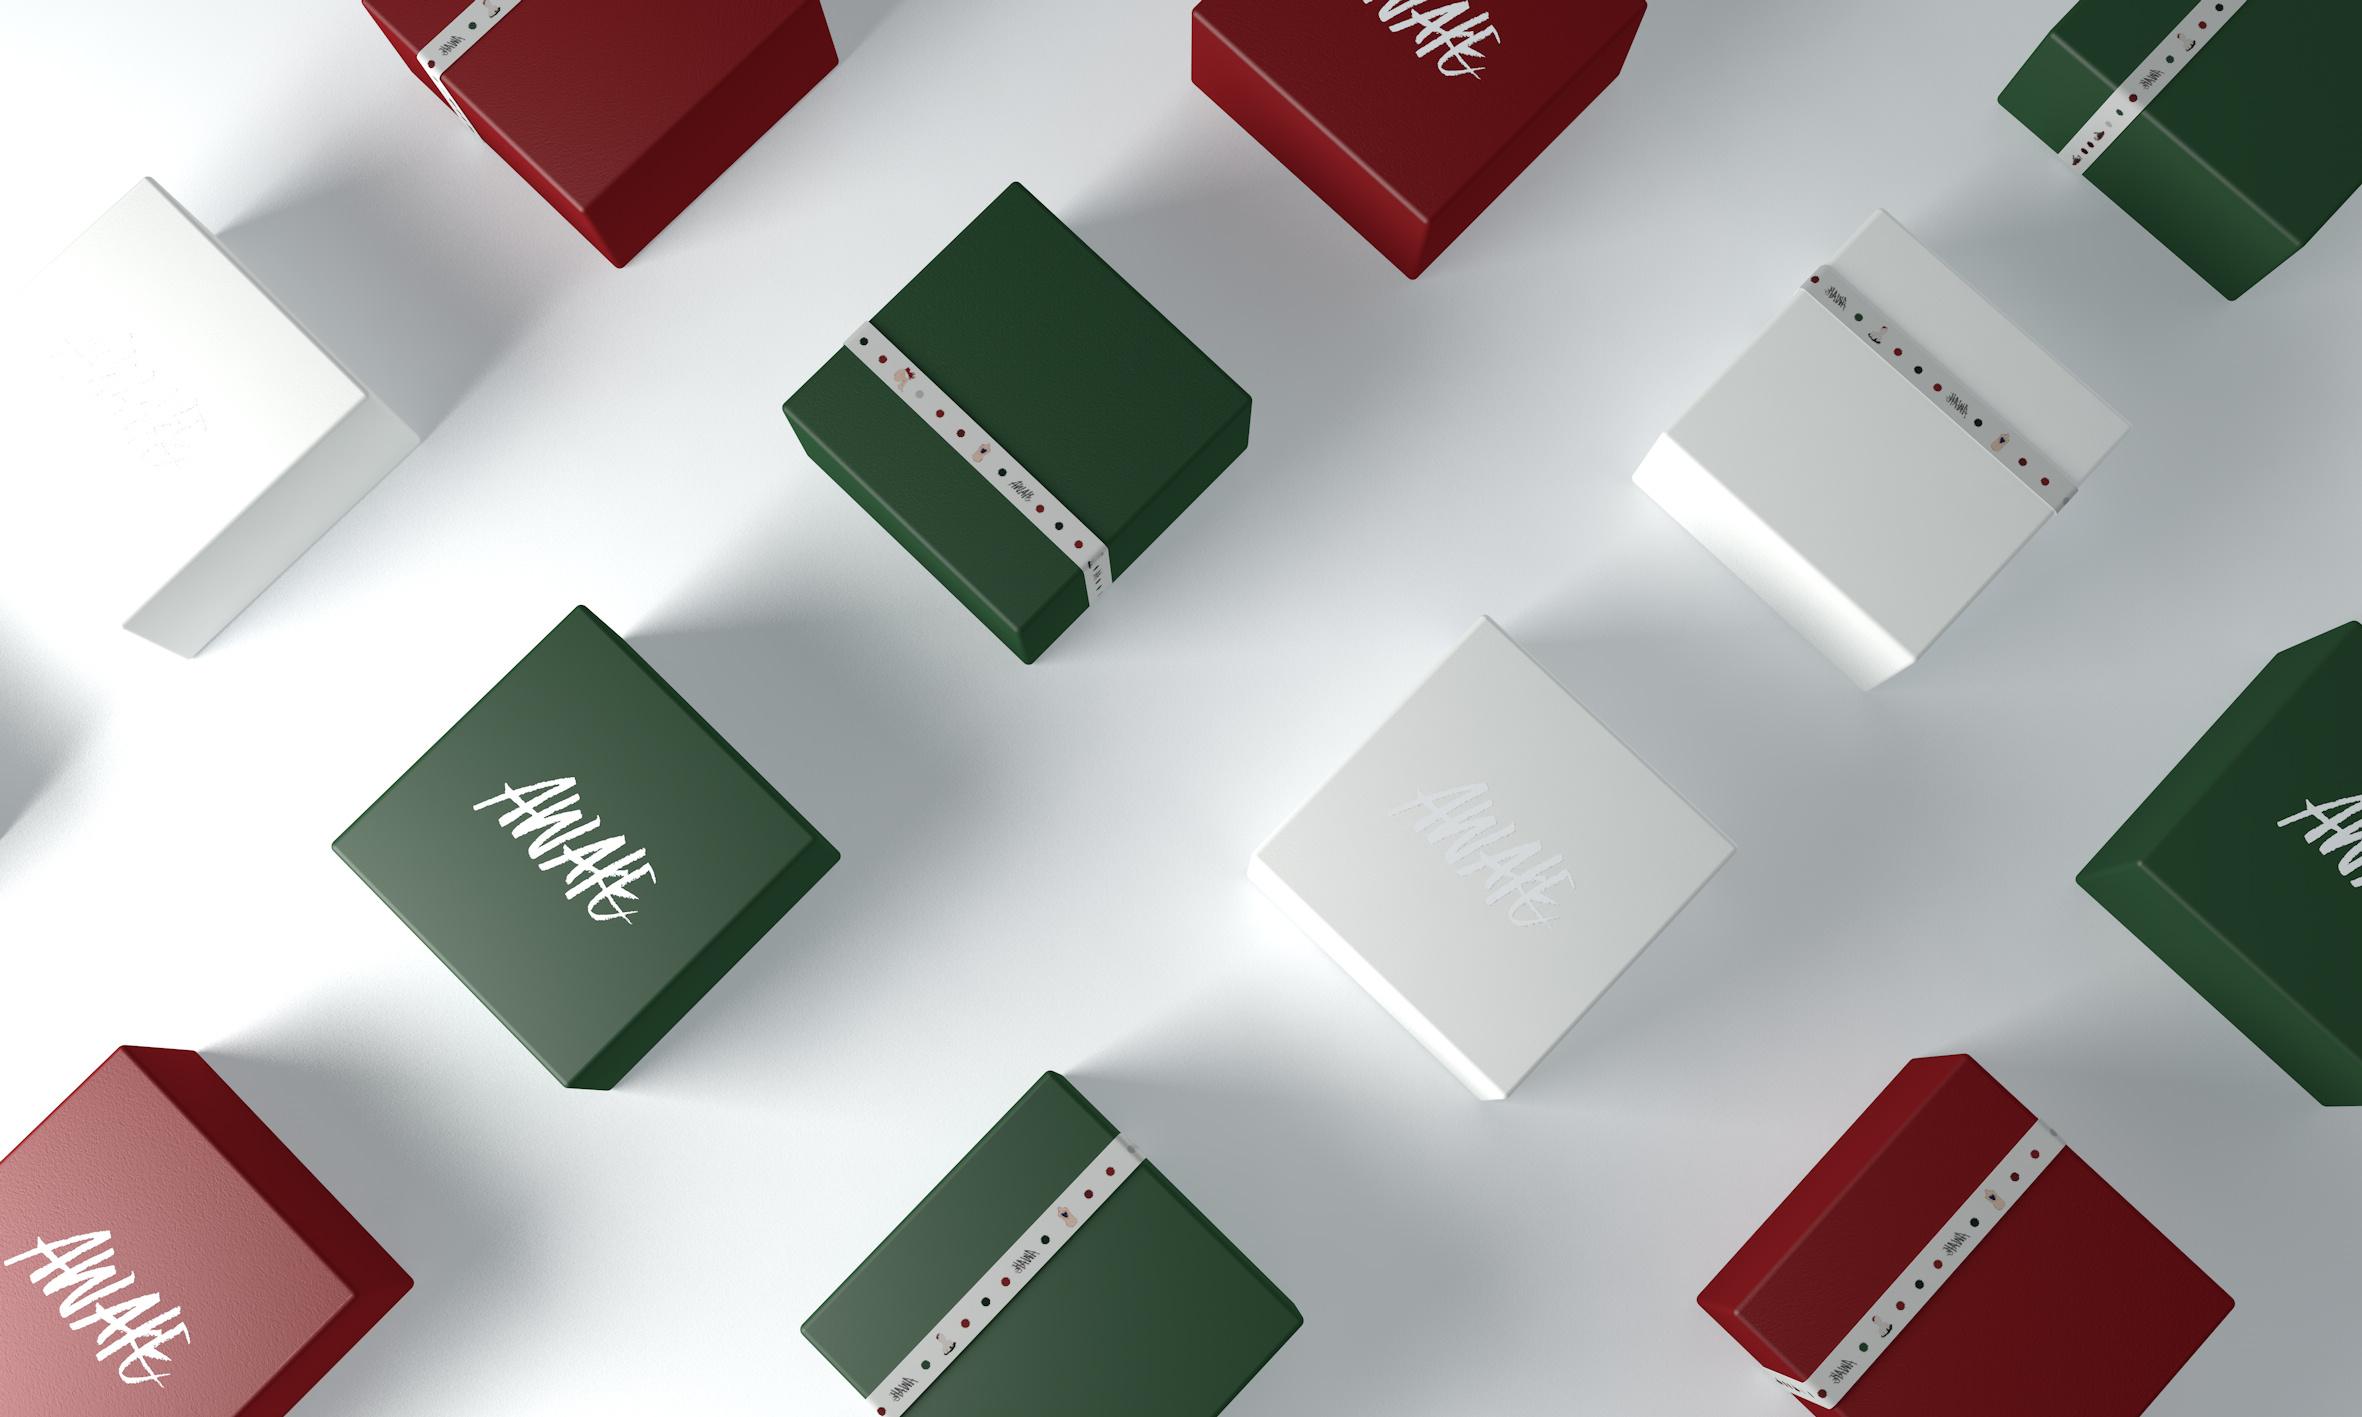 awake艺术品及艺术衍生品牌设计